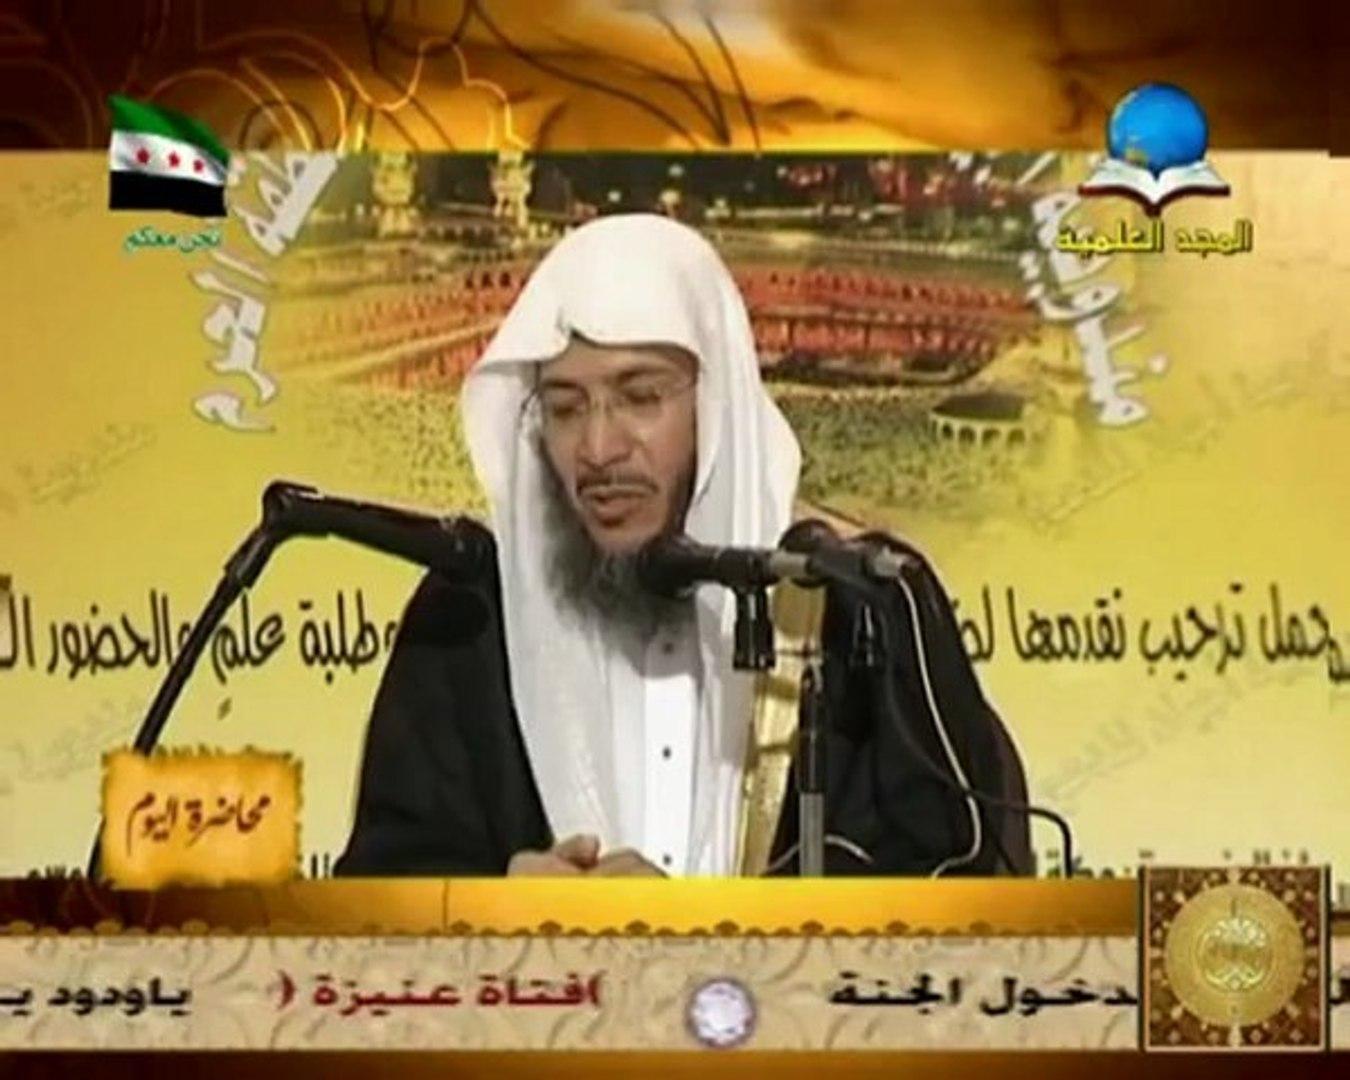 العنف الأسري الشيخ يوسف مغربي